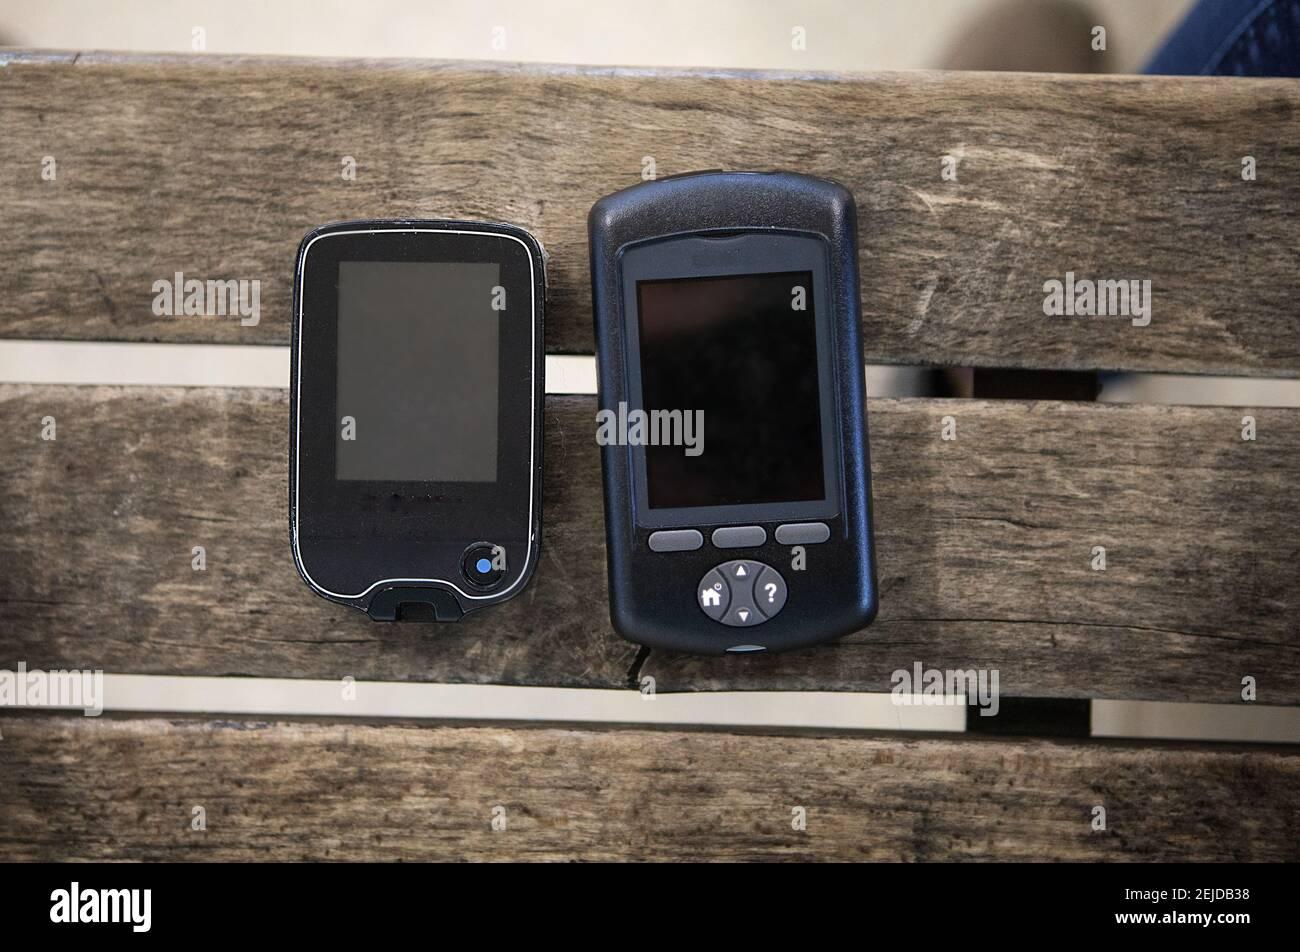 Capteur de glycémie pour contrôler le sucre dans le sang et pompe à insuline pour administrer l'insuline. Banque D'Images